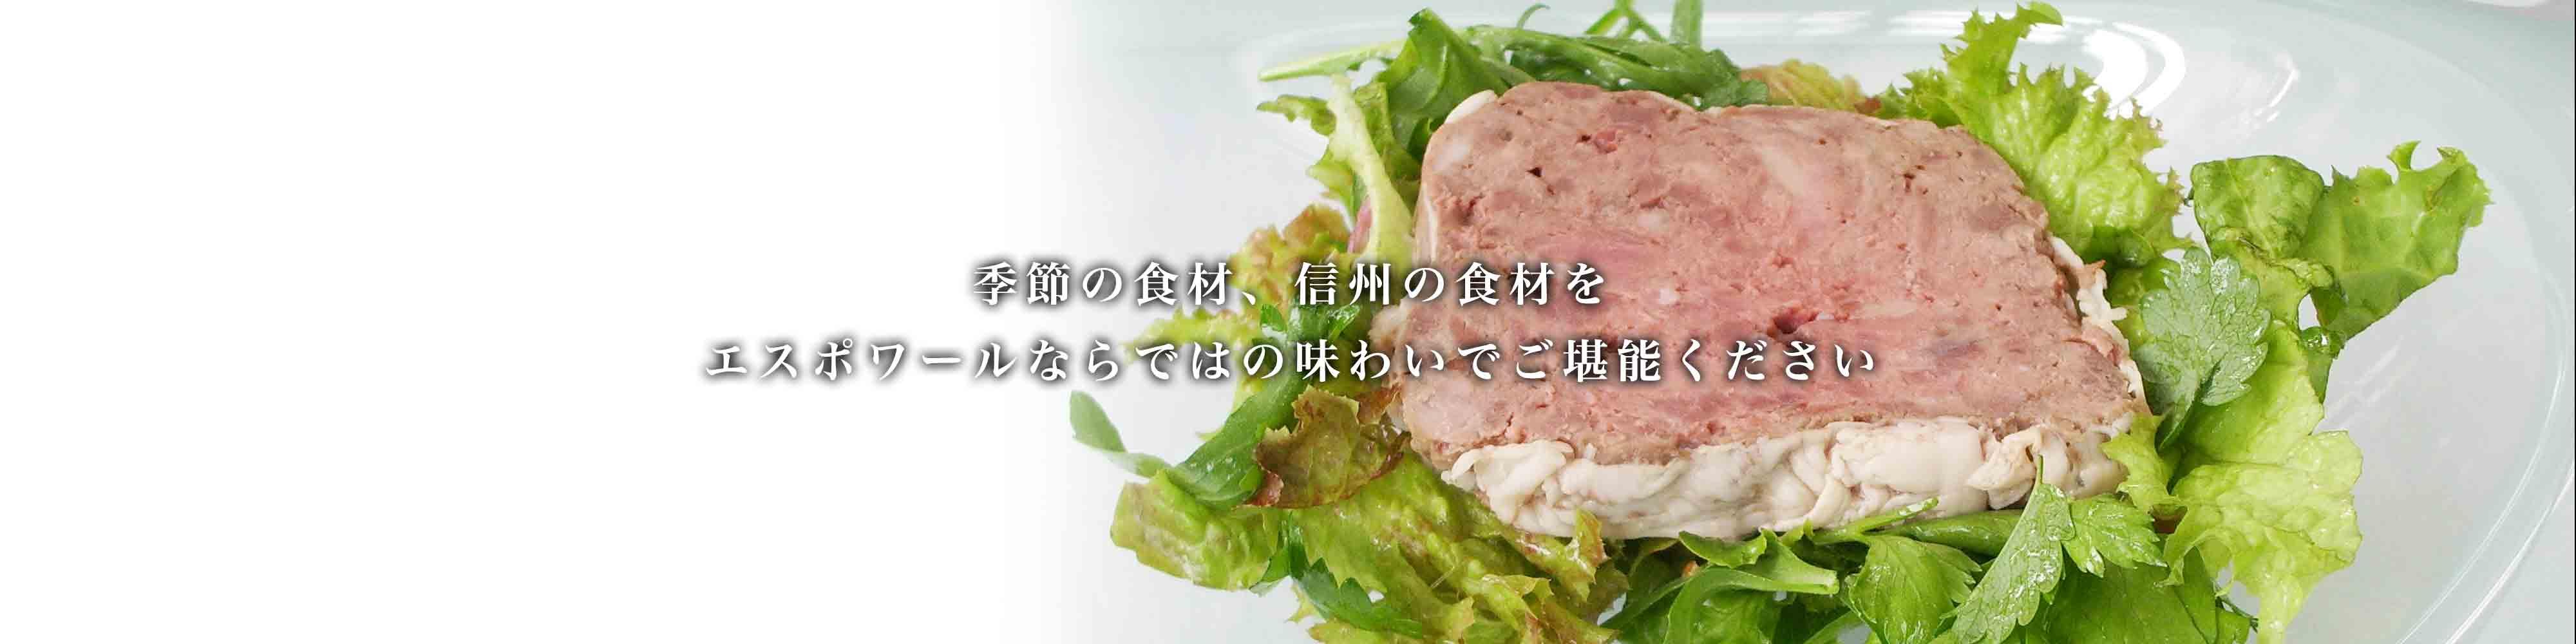 季節の食材、信州の食材をエスポワールならではの味わいでご堪能ください